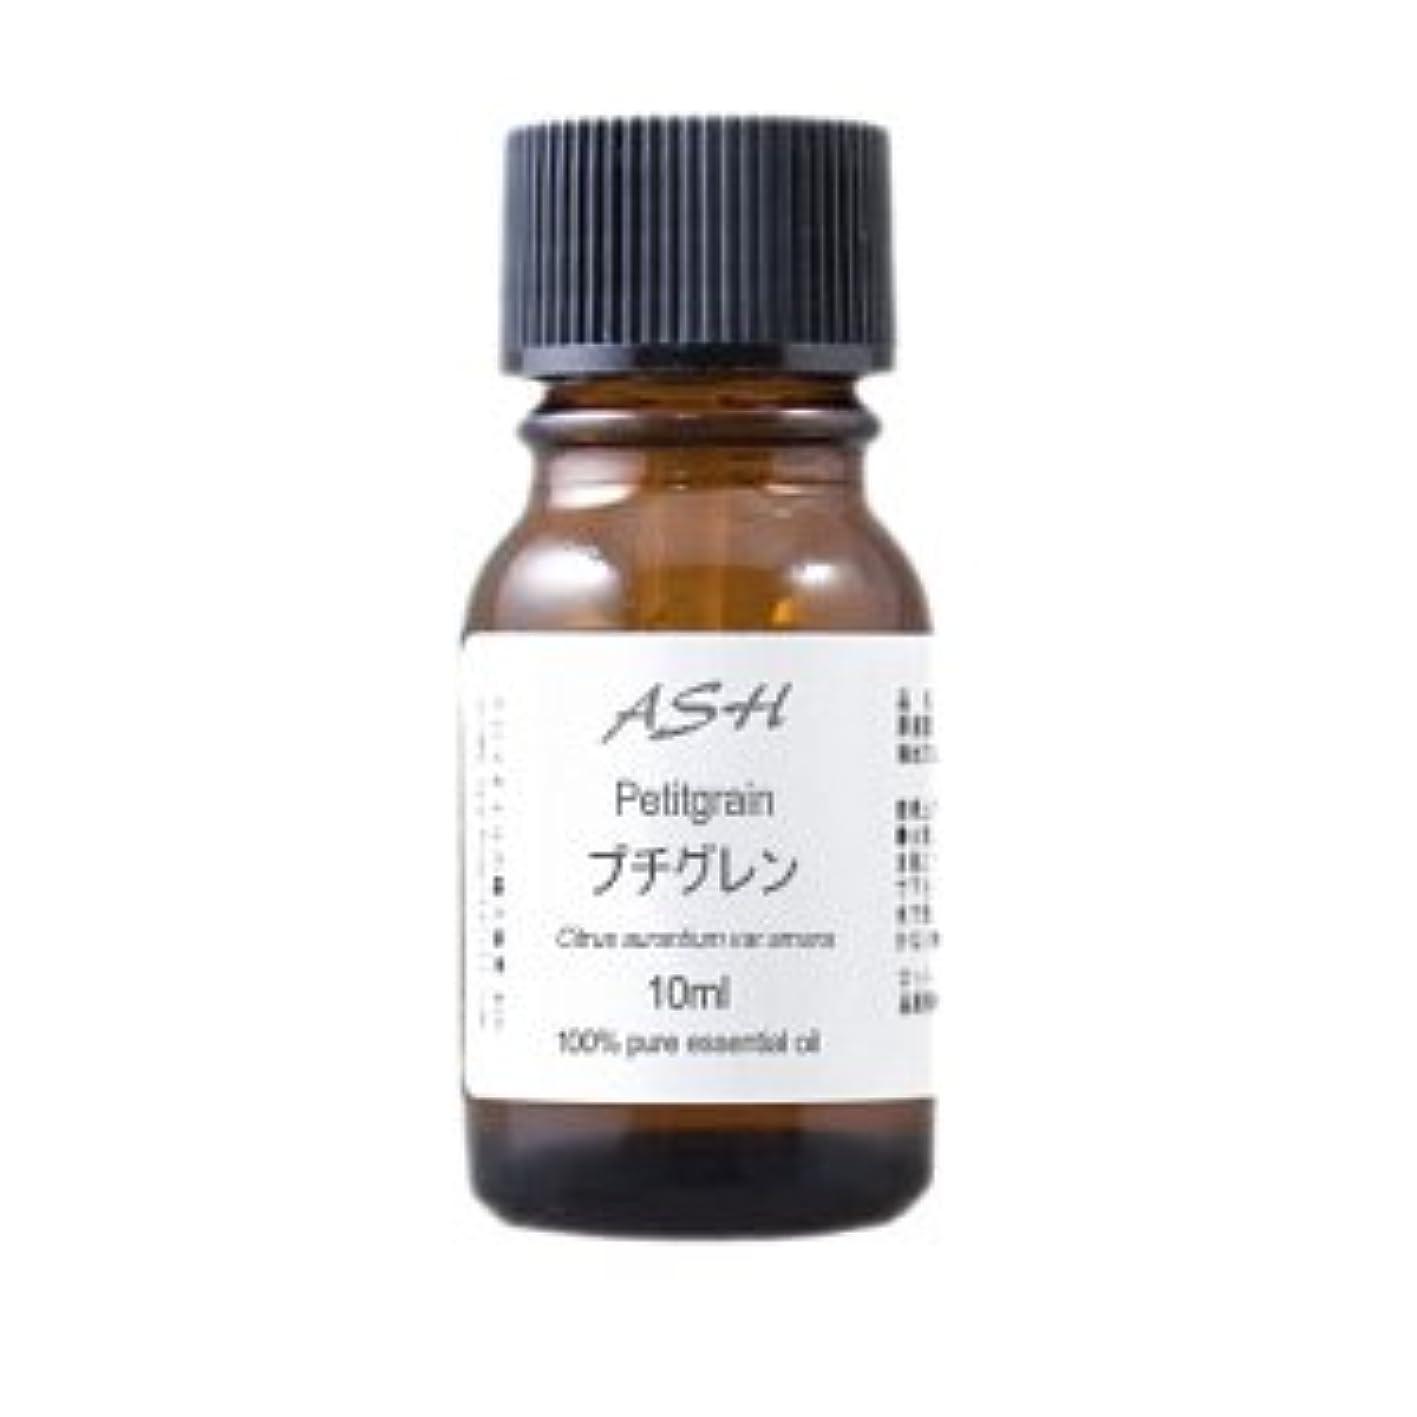 散る蚊喉頭ASH プチグレン エッセンシャルオイル 10ml AEAJ表示基準適合認定精油